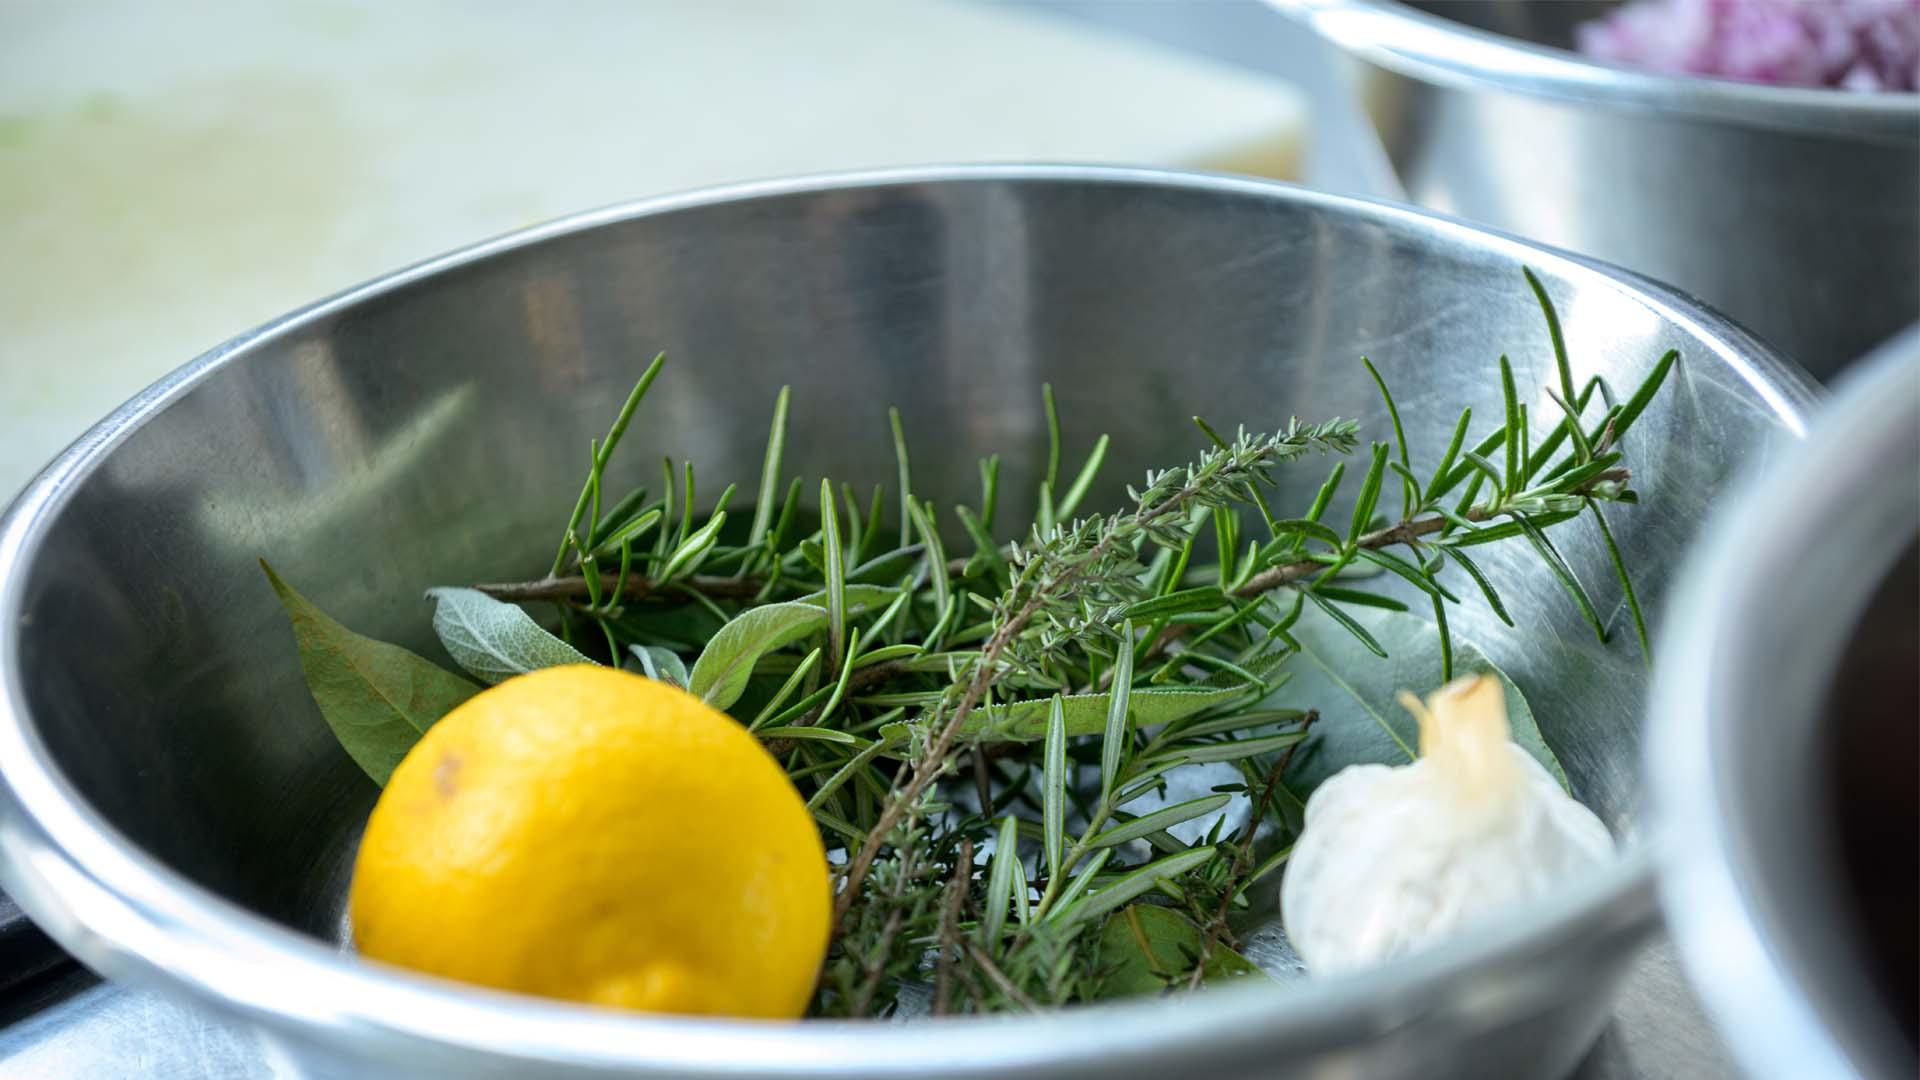 Kruiden keuken Roosmarijn citroen koken biologisch moestuin kruidentuin